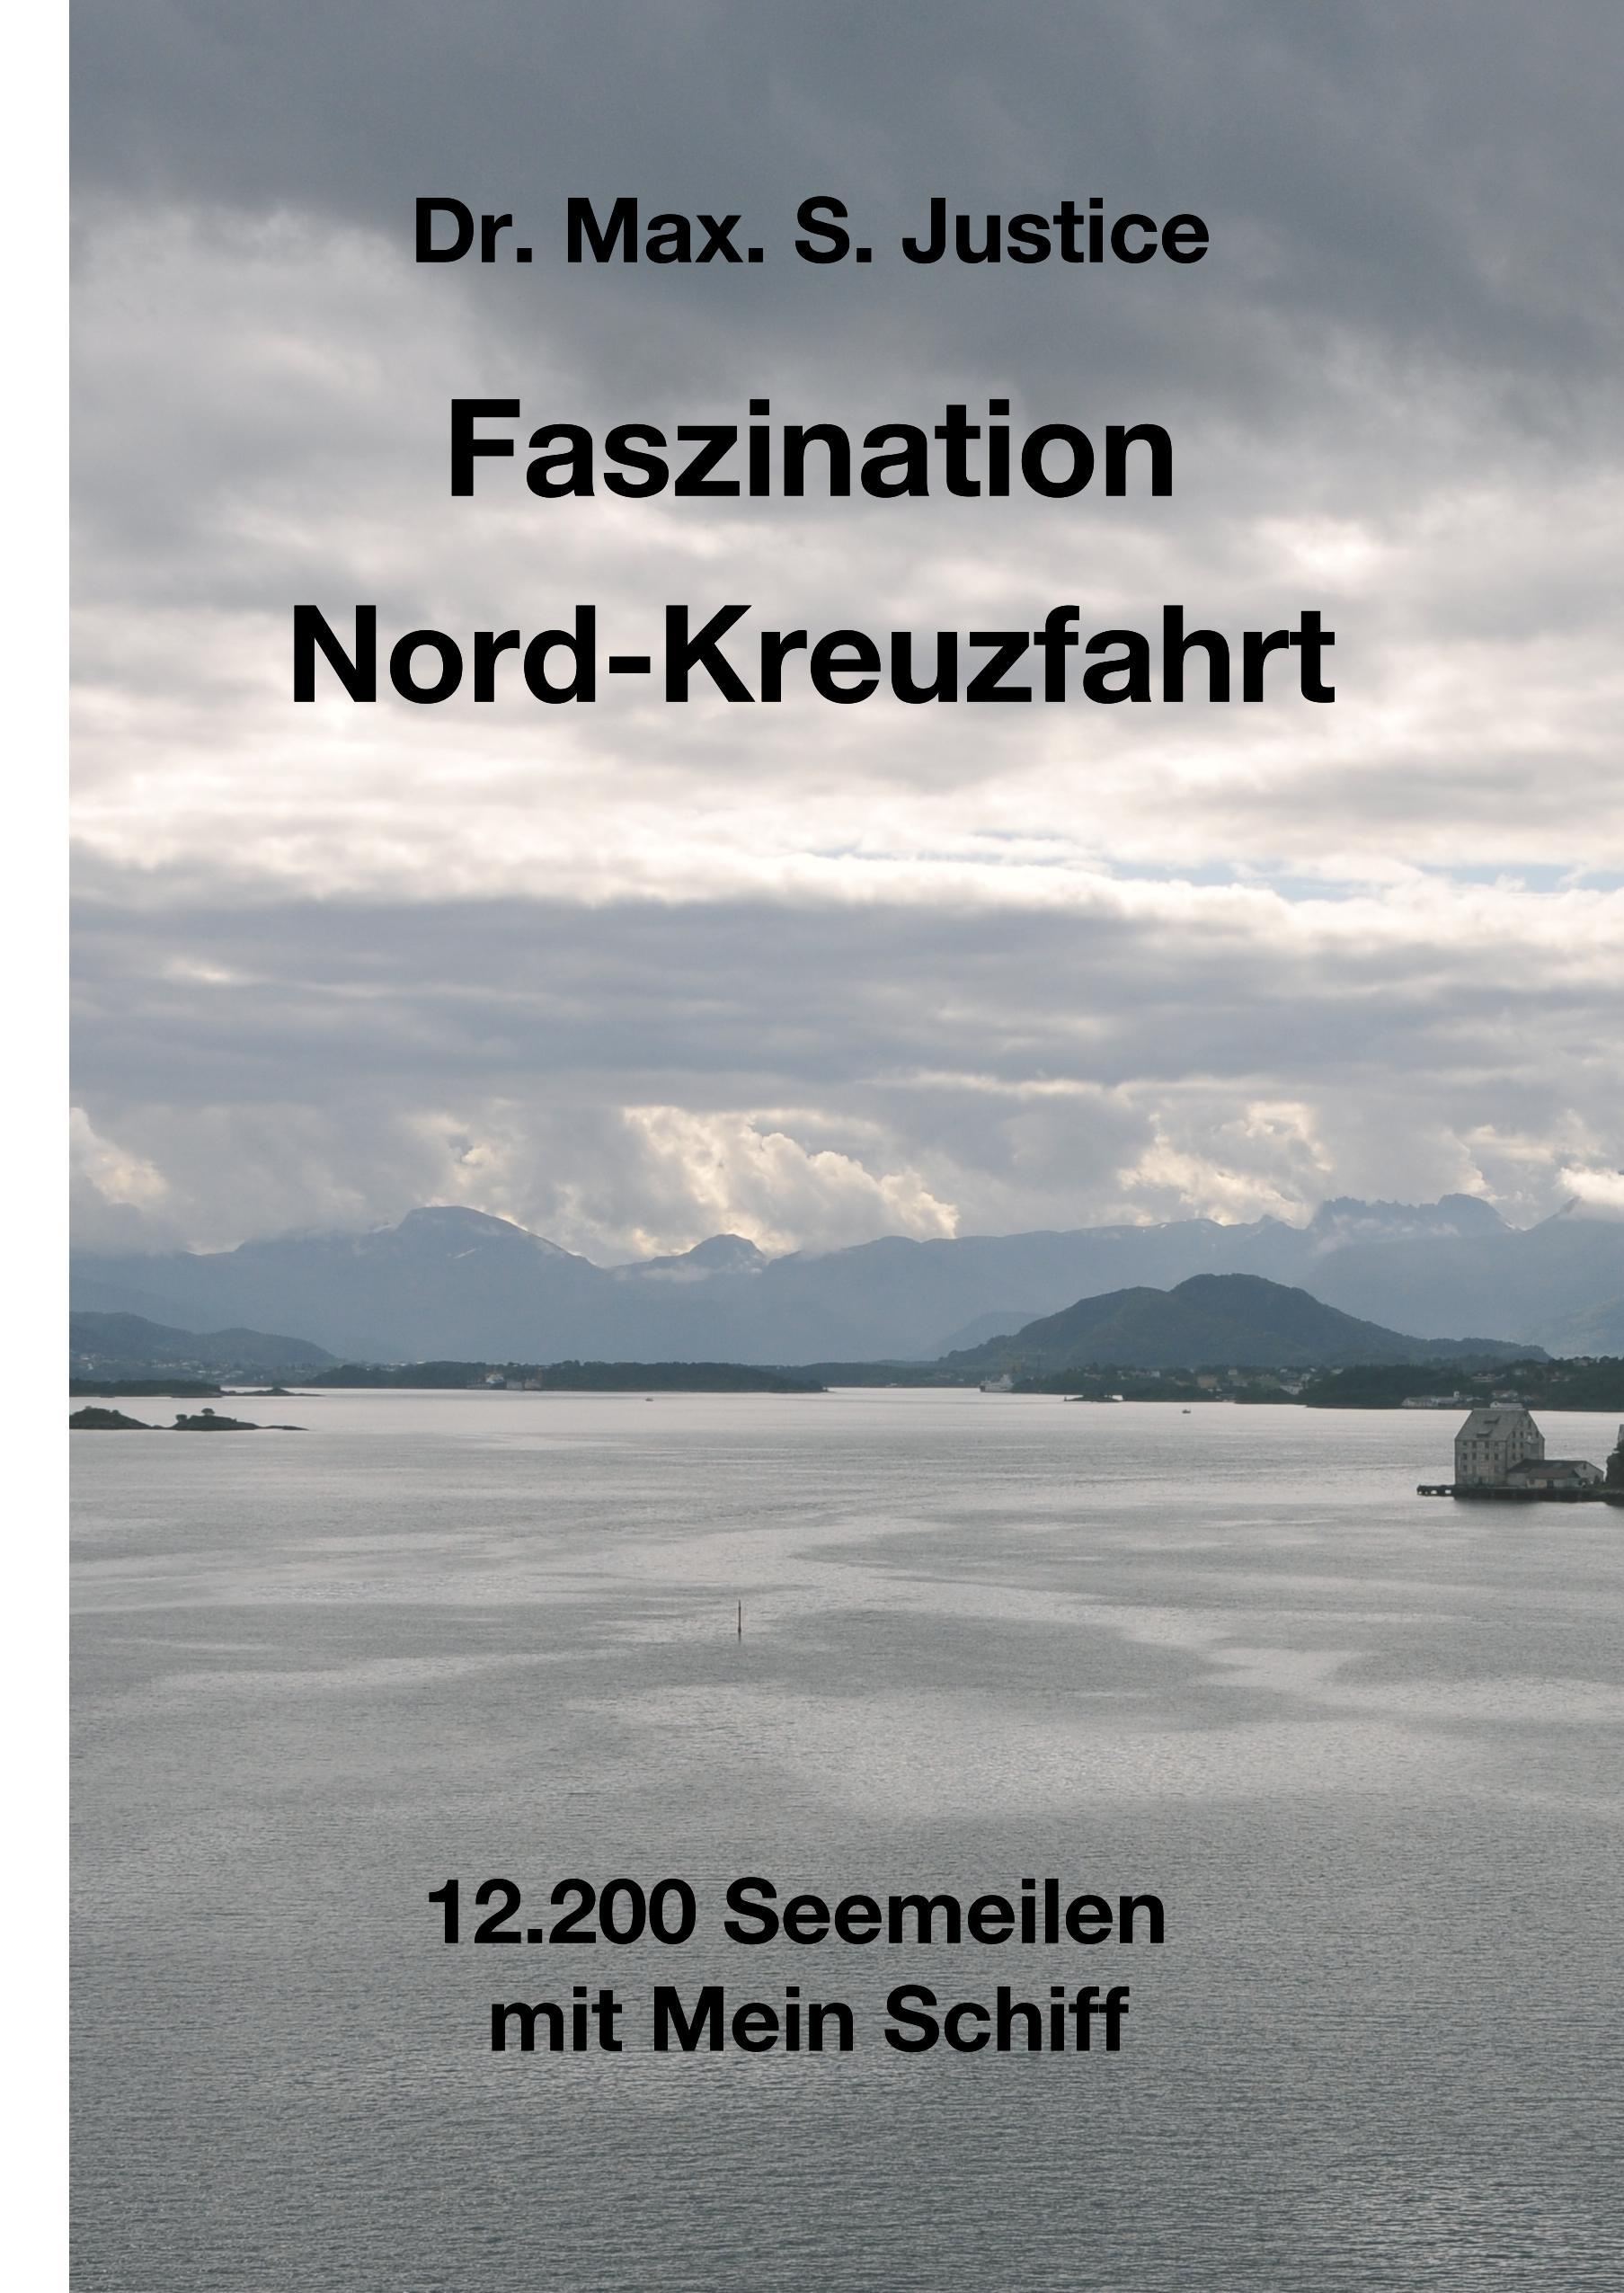 Faszination Nord-Kreuzfahrt  12.200 Seemeilen mit Mein Schiff  Max. S. Justice  Buch  HC runder Rücken kaschiert  Deutsch  2018 - Justice, Max. S.